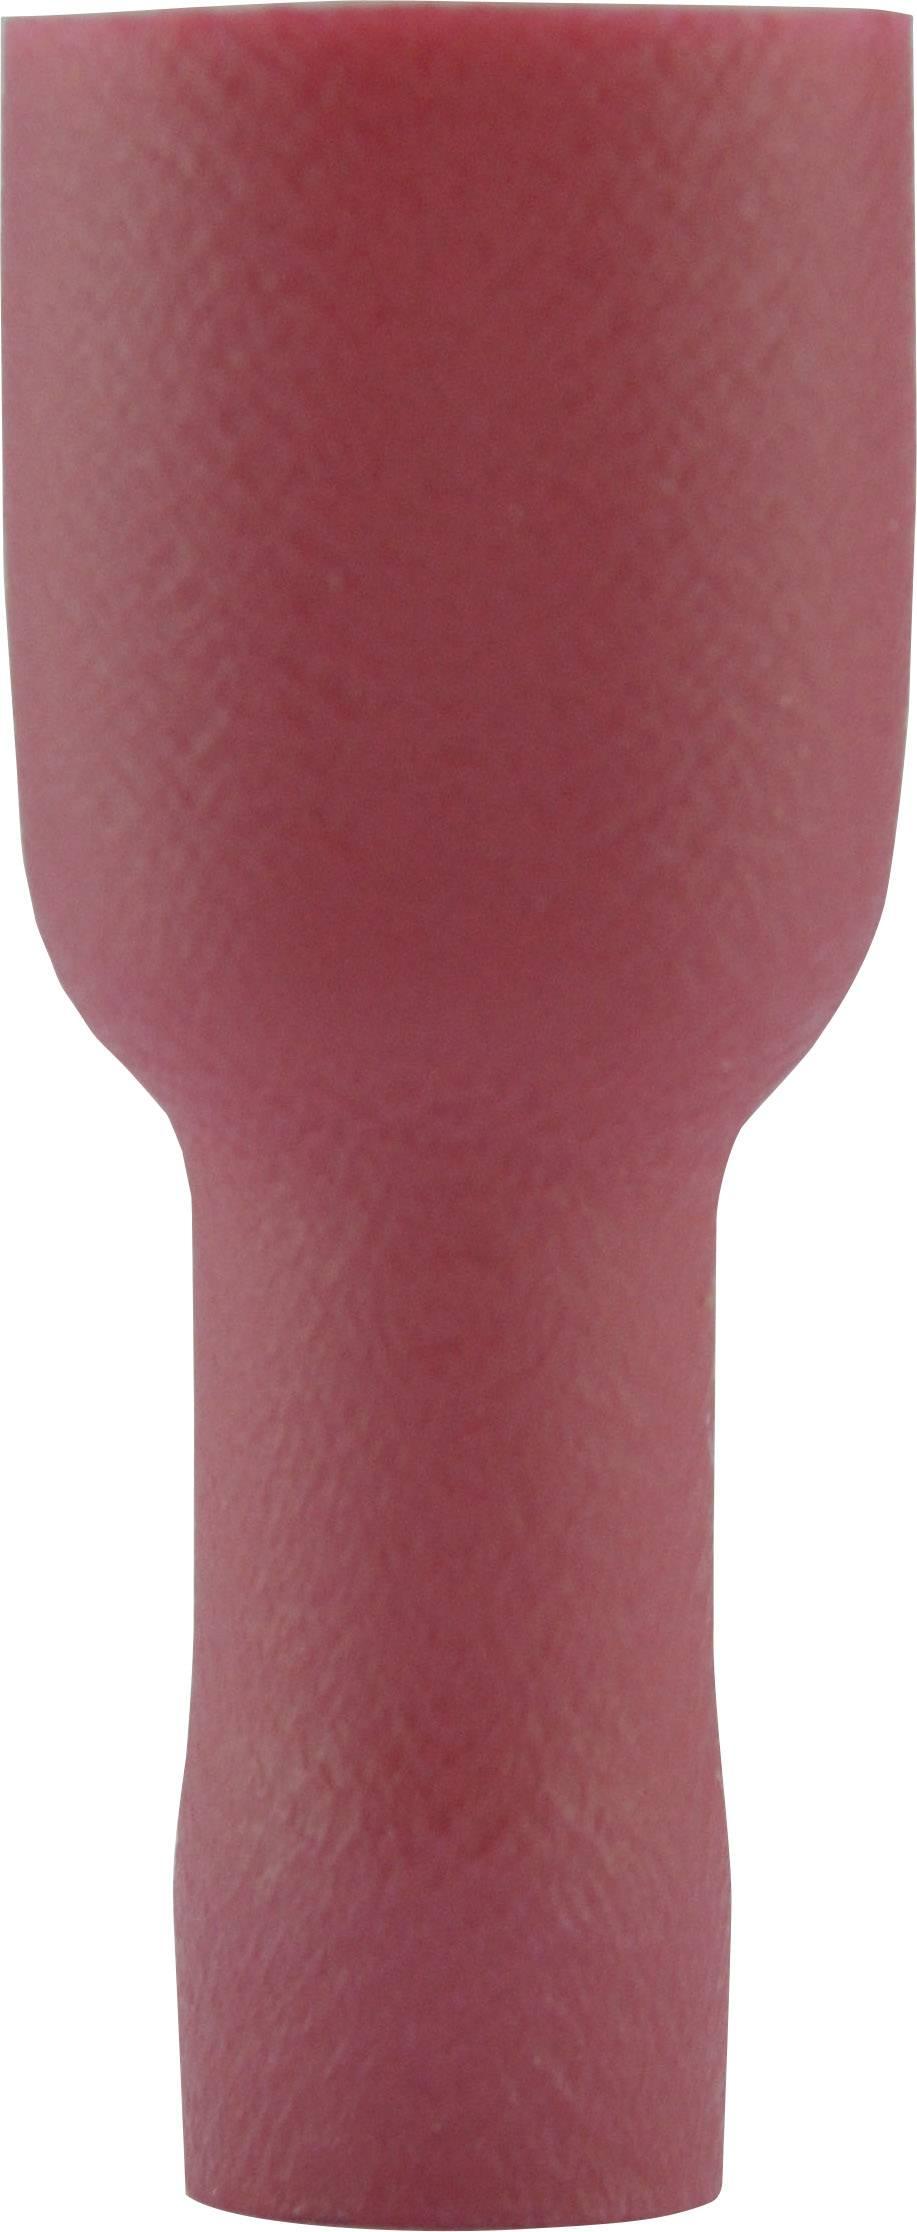 Faston konektor zásuvka Vogt Verbindungstechnik 3944 6.3 mm x 0.8 mm, 180 °, úplne izolované, červená, 1 ks